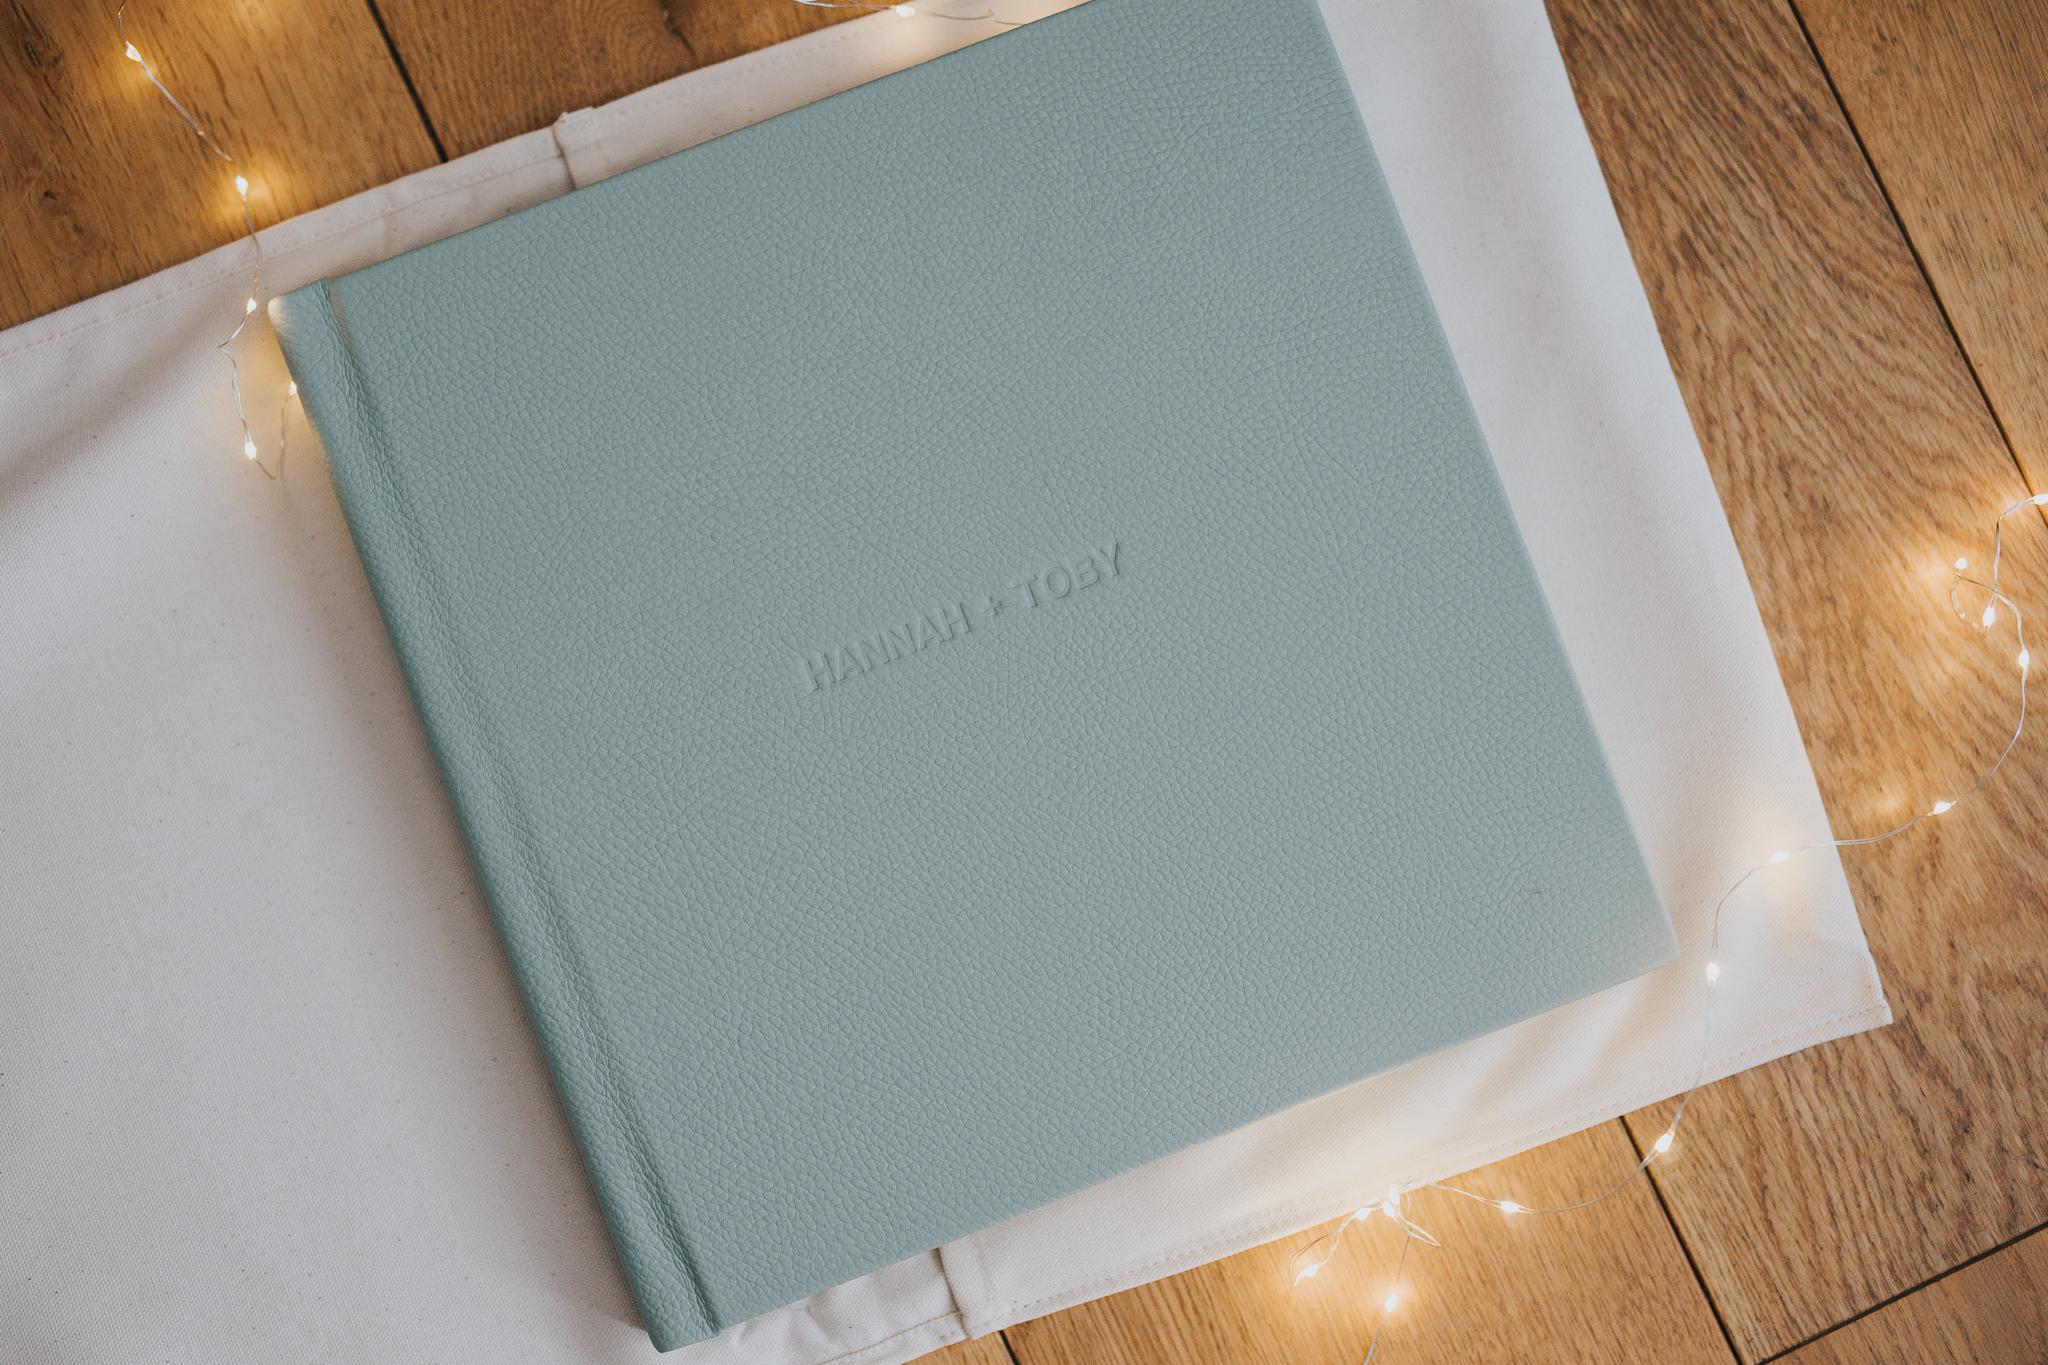 Toa Baker Folio Sample Album.jpg